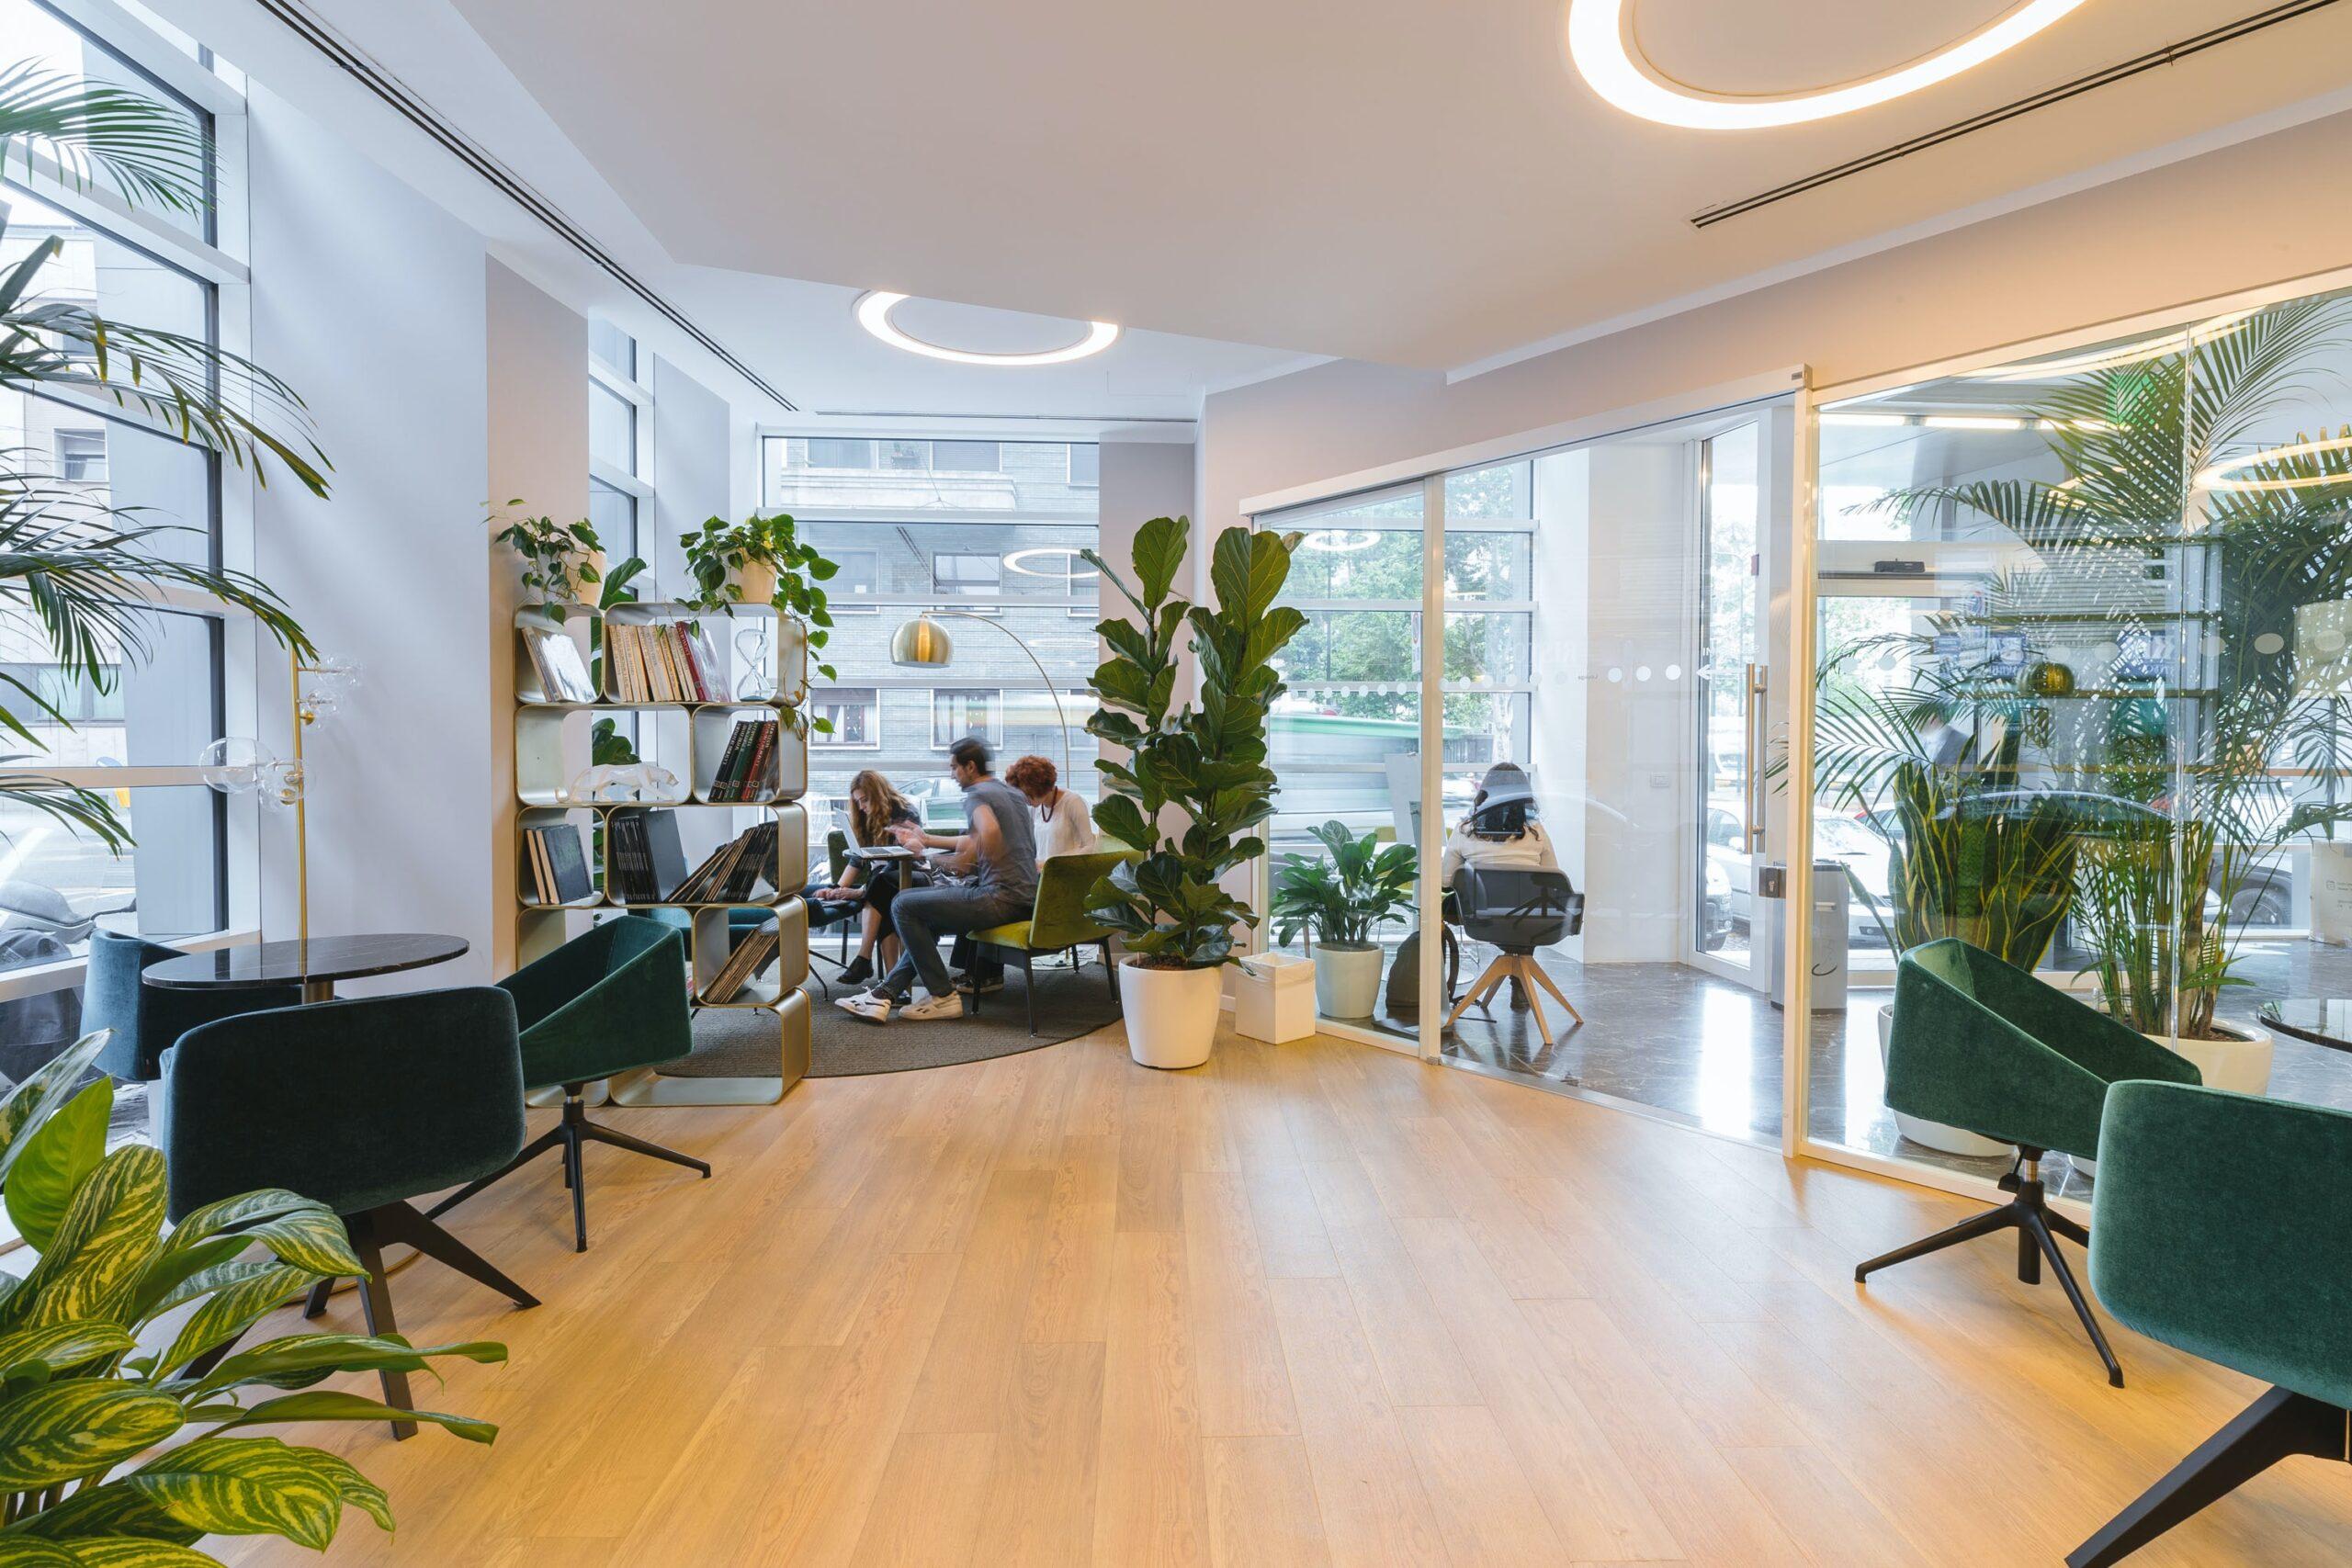 オフィス環境とは何を指すのか